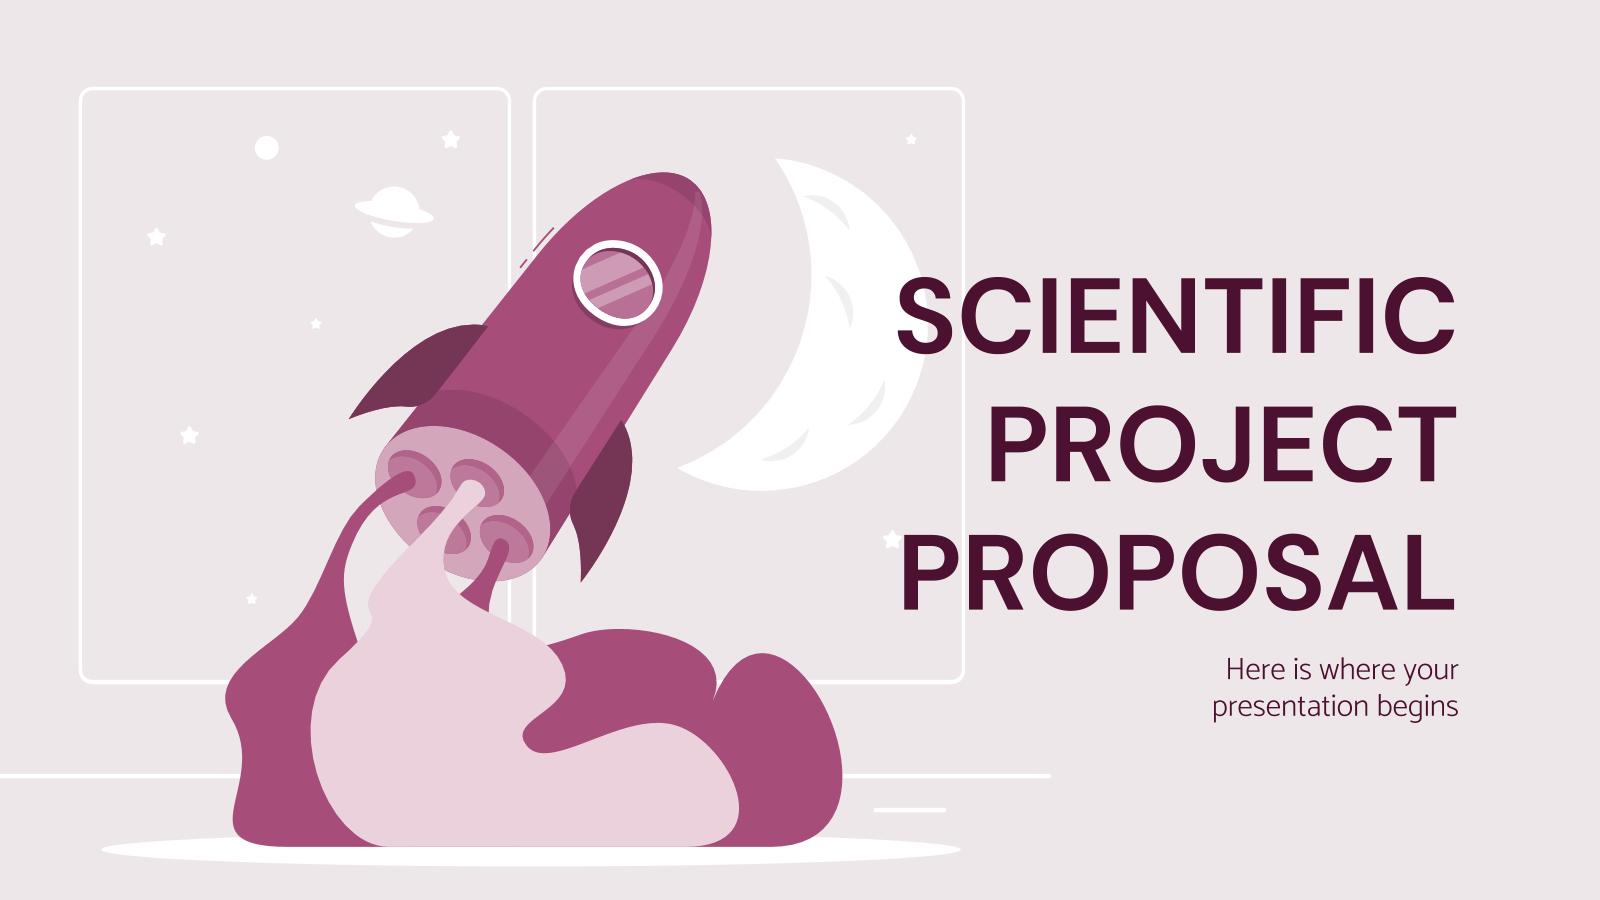 Proposition de projet scientifique : Modèles de présentation